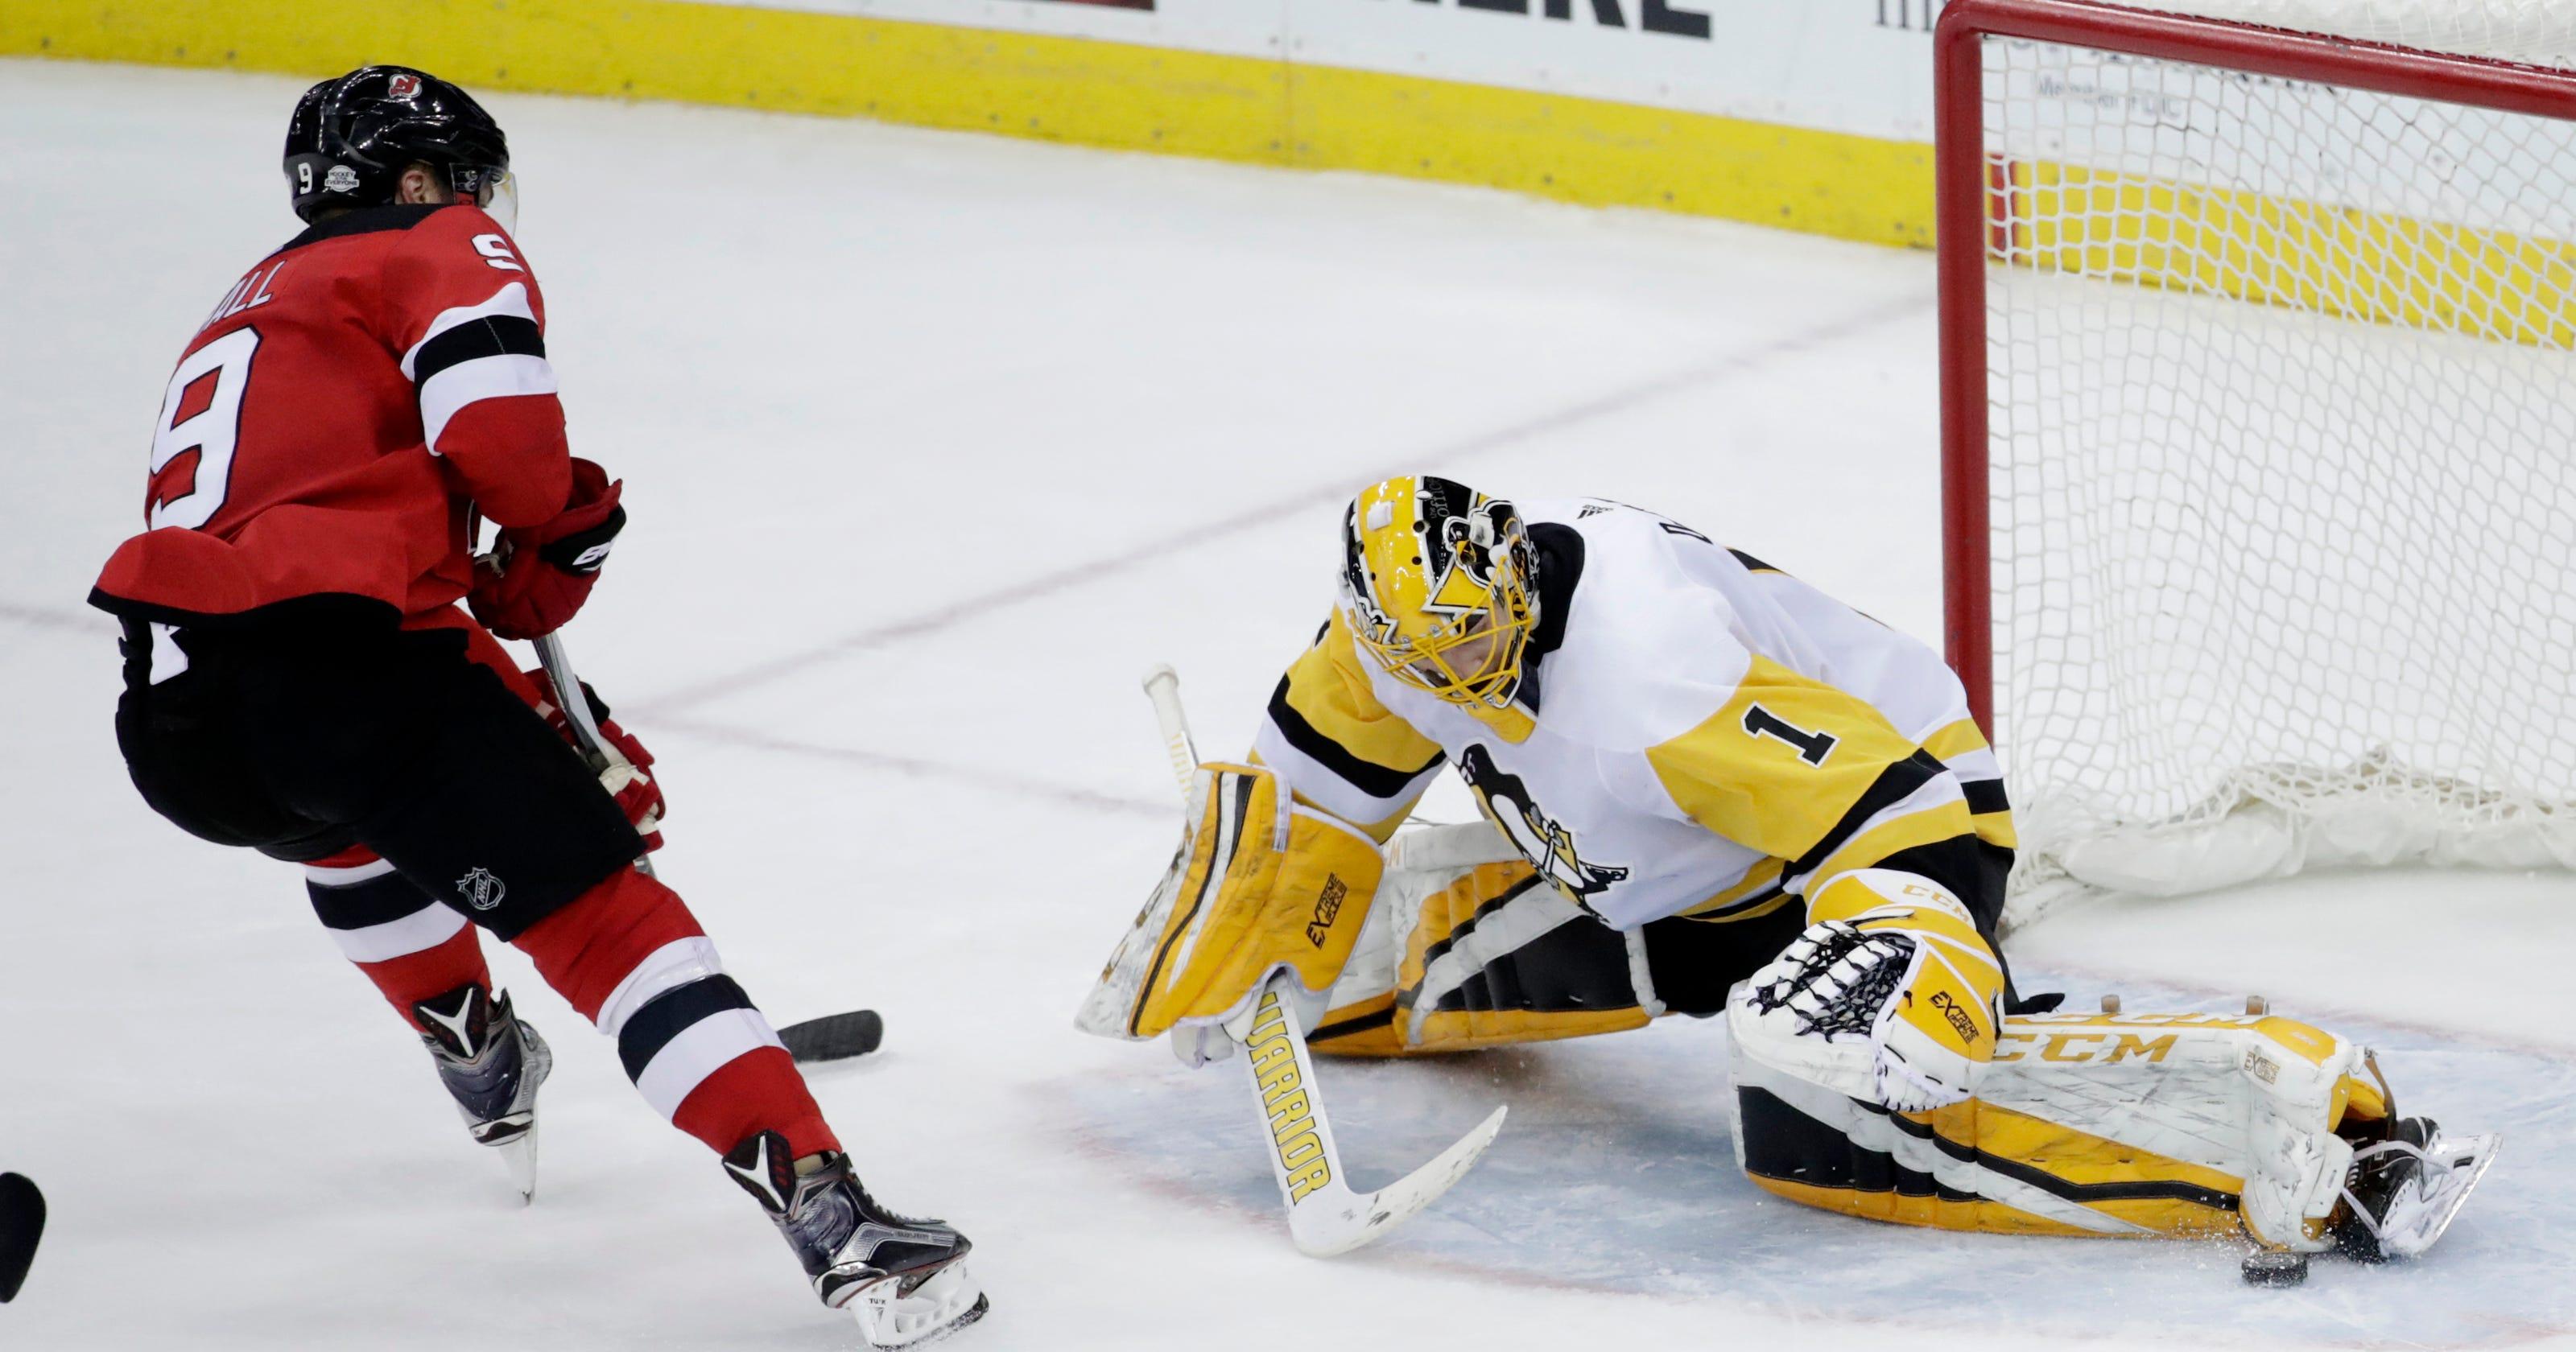 meet d5c48 b9021 Zajac has 2 goals and assist as Devils beat Penguins 3-1